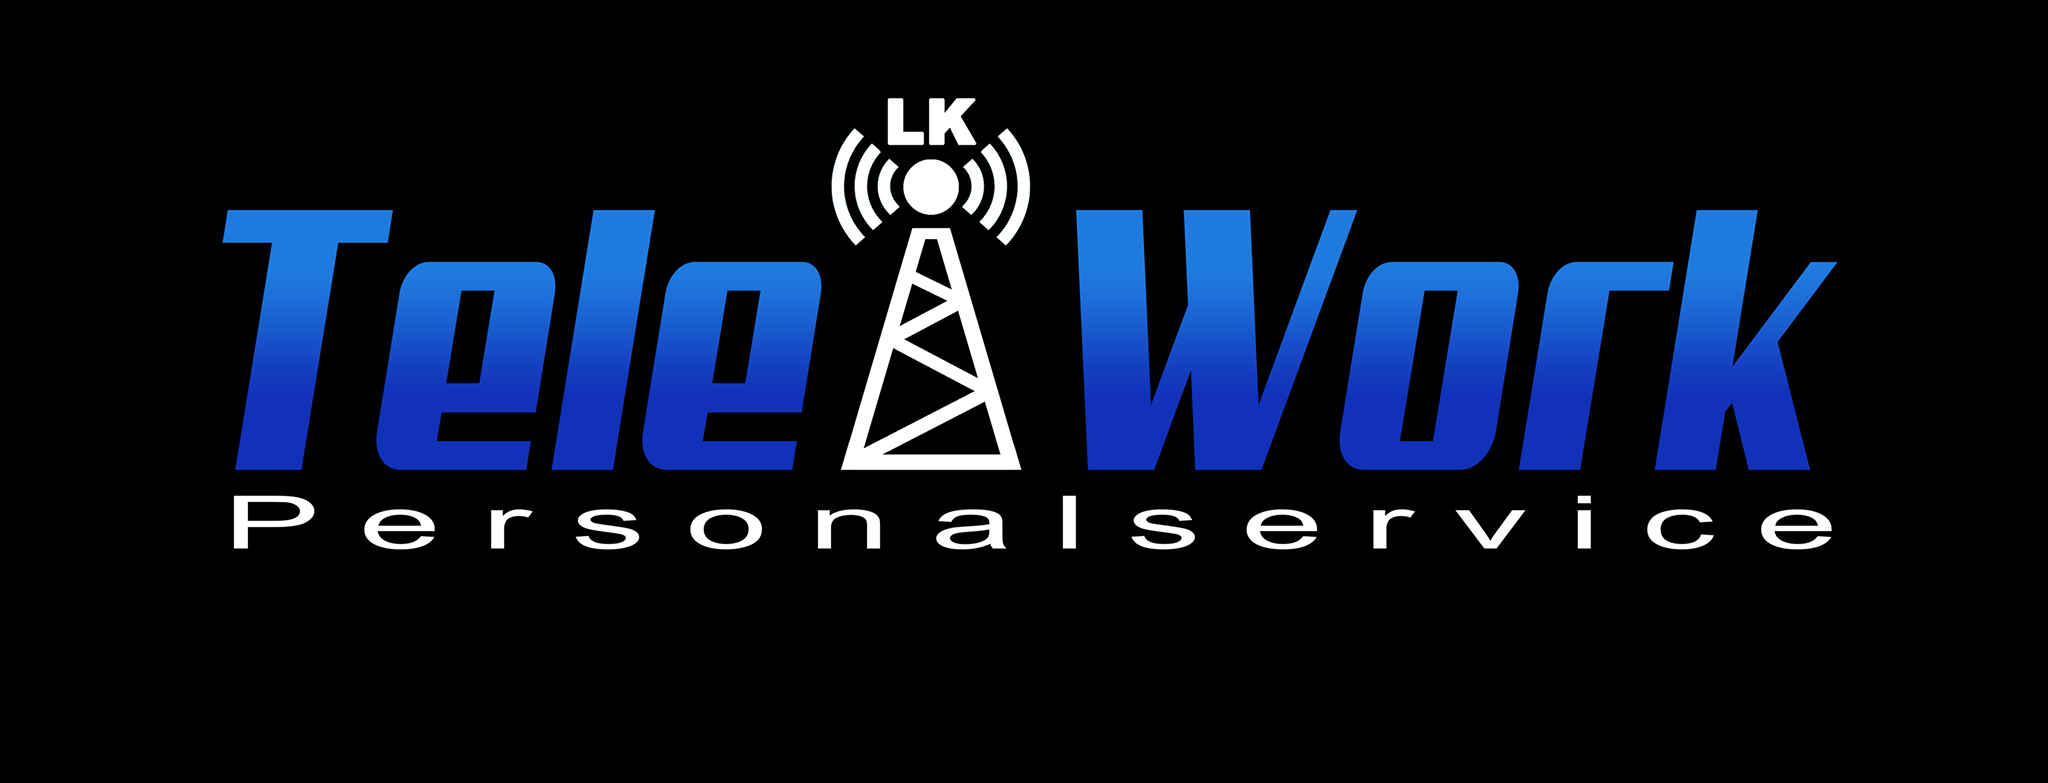 logo firmy LK - Telework